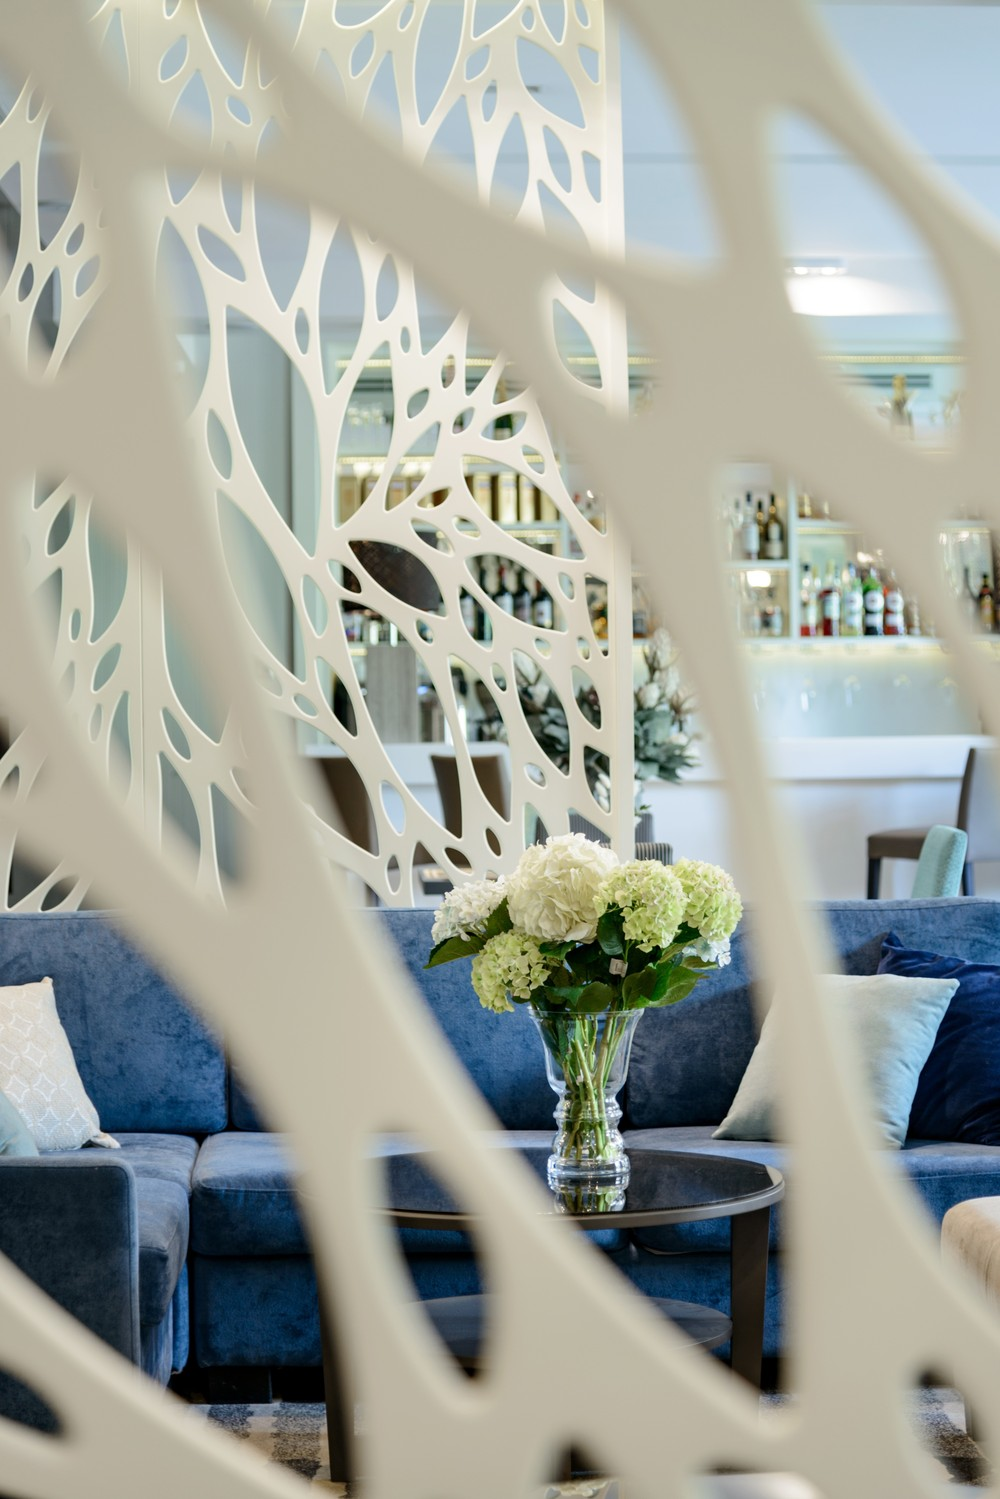 Мария Шубина Вероника Добрякова отель декор лобби дизайн интерьера отеля ресторан зона отдыха лаунж